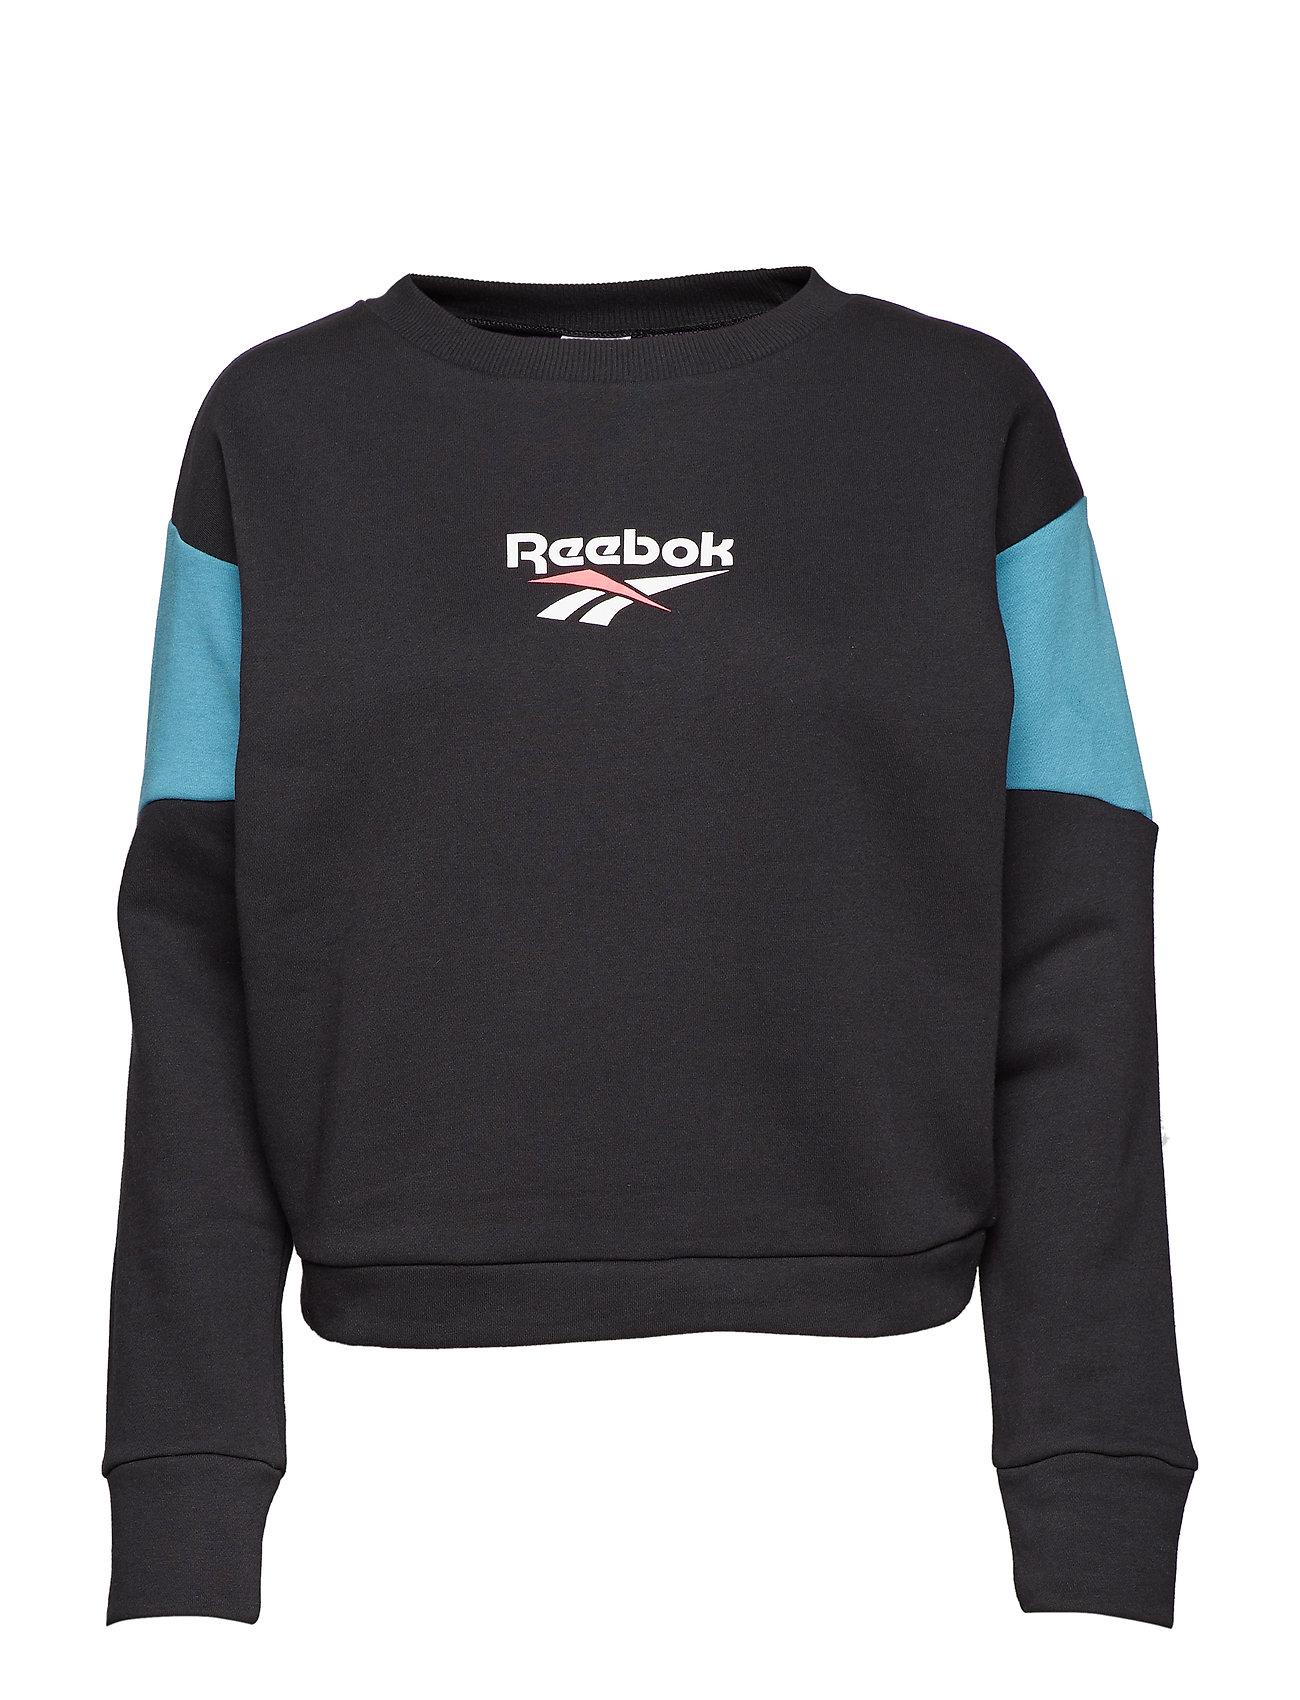 Reebok Classics CL V CREW - BLACK